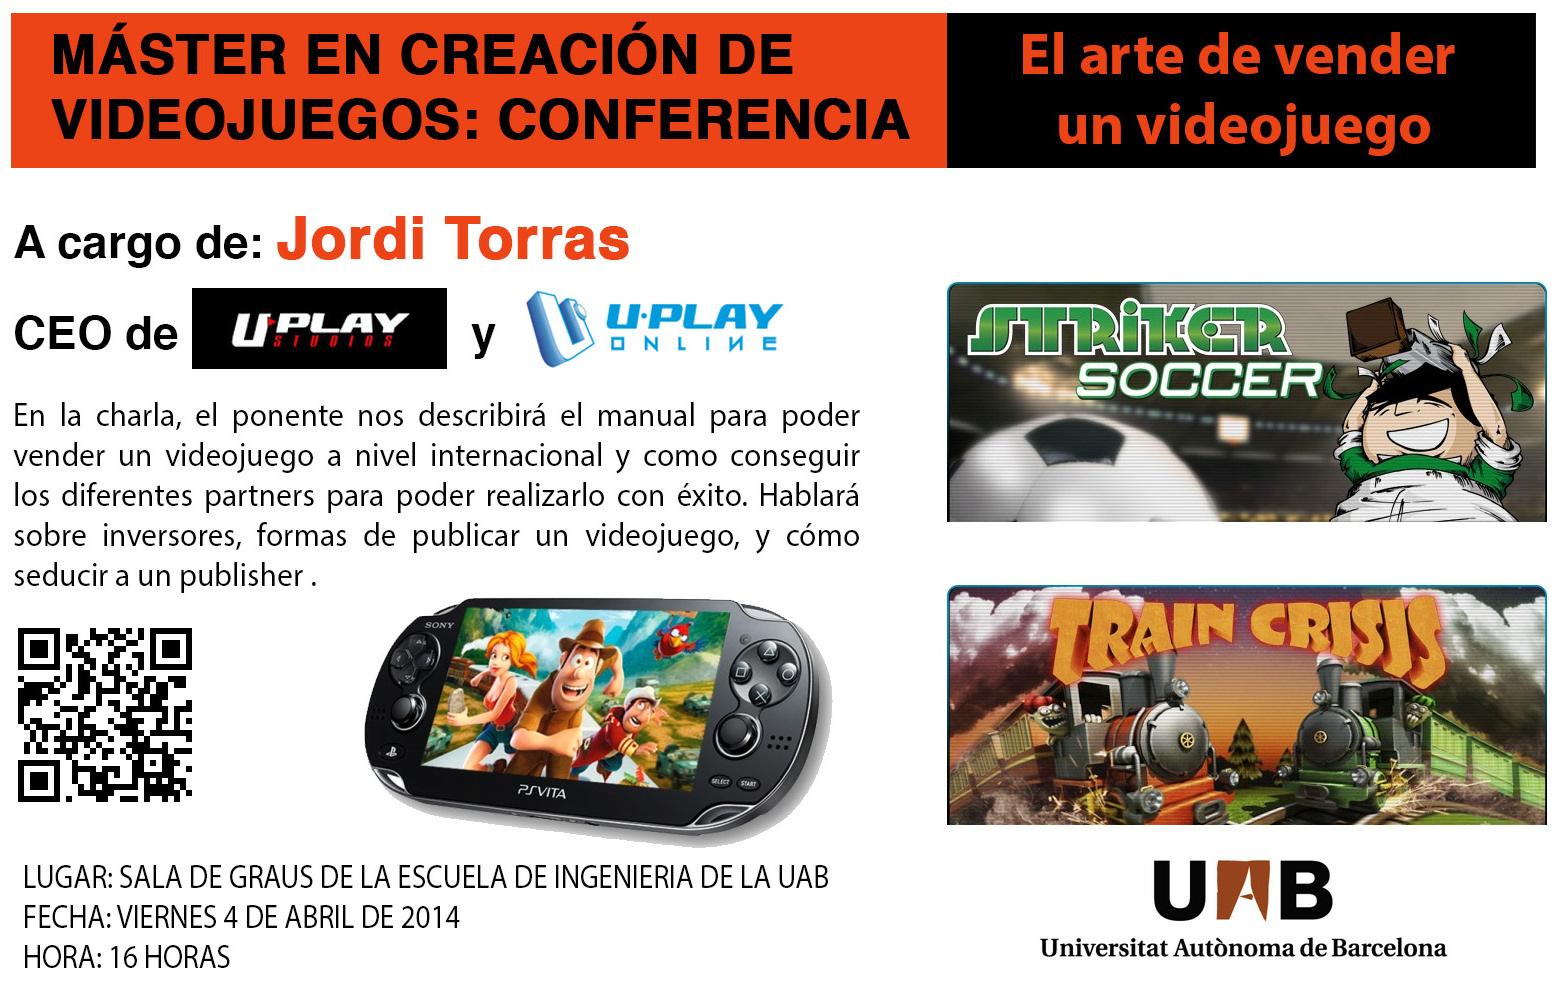 """Charla """"El arte de vender un videojuego"""" a cargo de Jordi Torras en la UAB"""